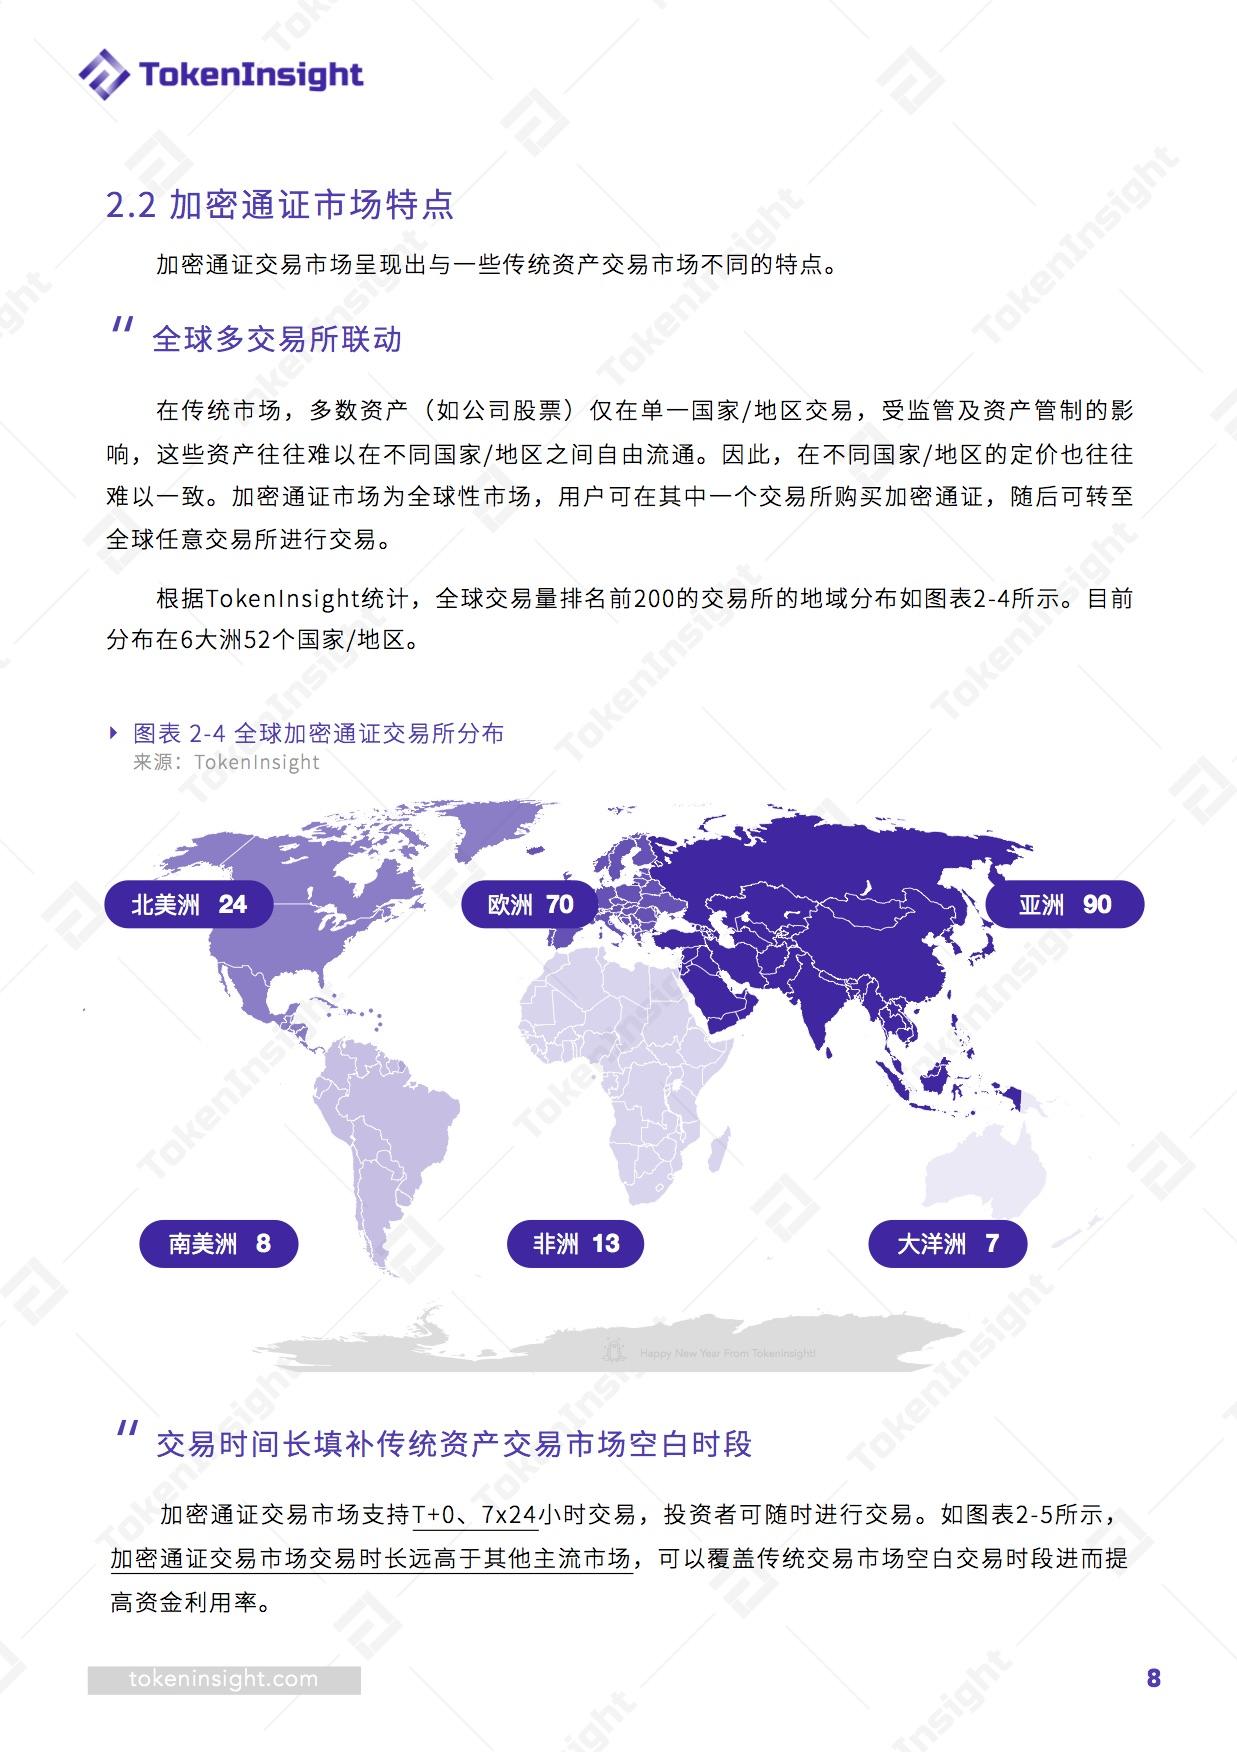 TokenInsight:加密通证正成为全球大类资产配置中的重要组成部分